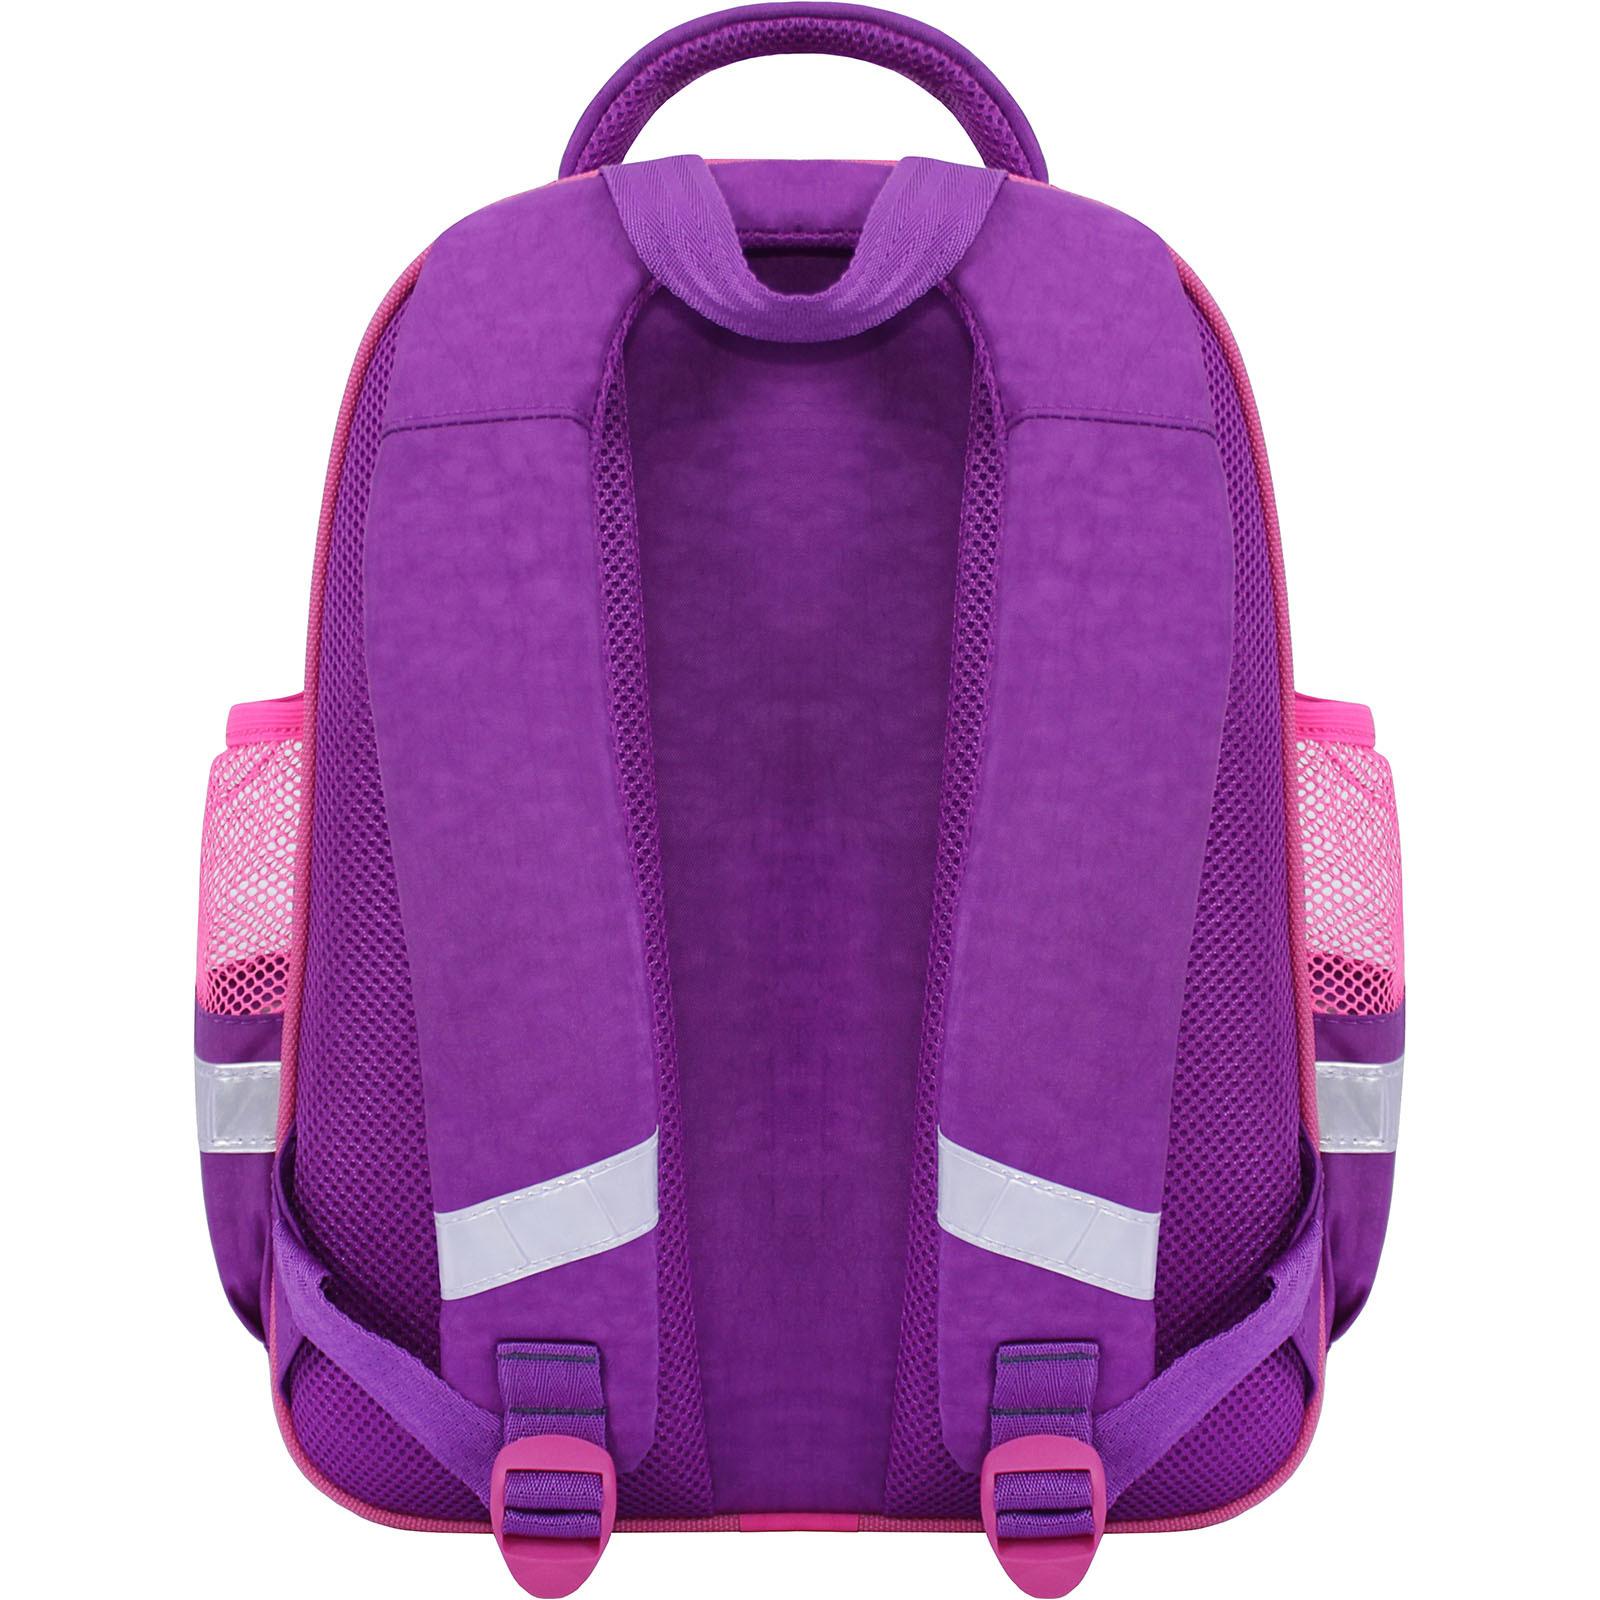 Рюкзак школьный Bagland Mouse 339 фиолетовый 503 (0051370) фото 3